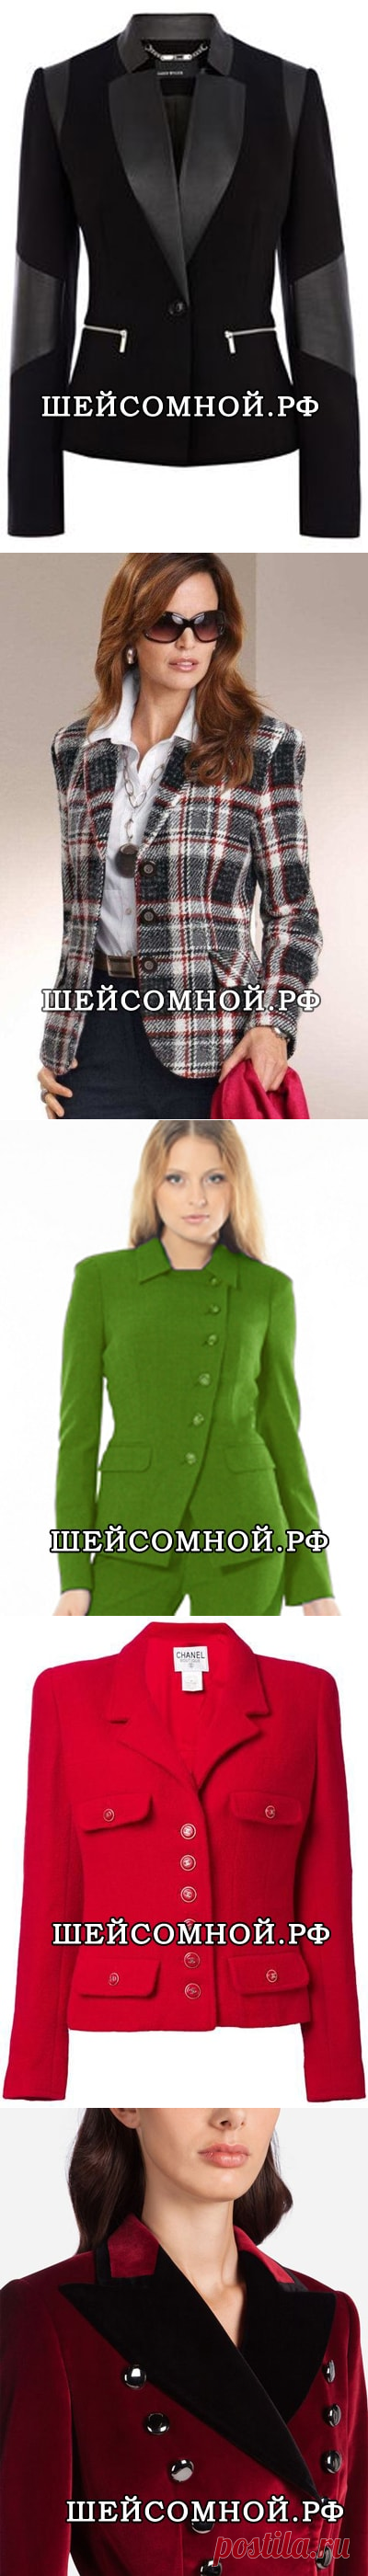 El patrón de la chaqueta — los Cuellos conmigo